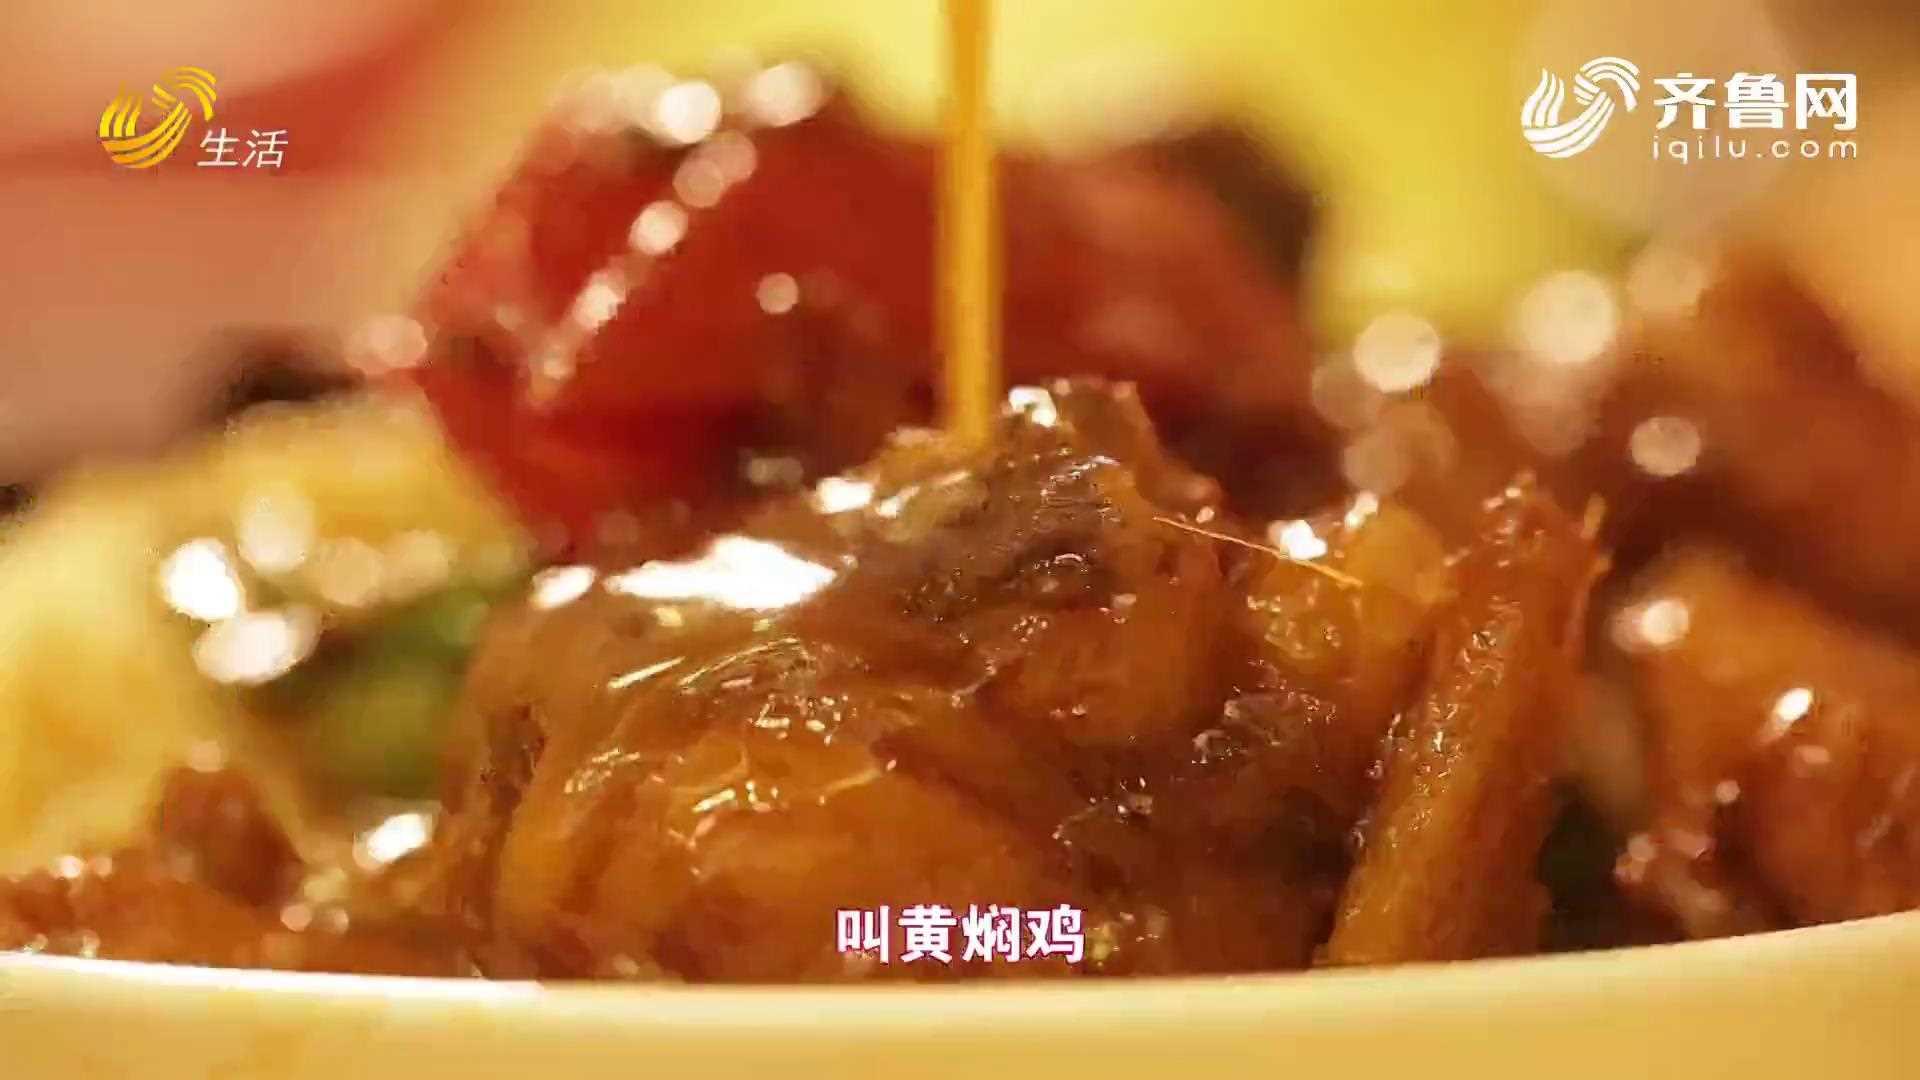 非尝美食:黄焖鸡